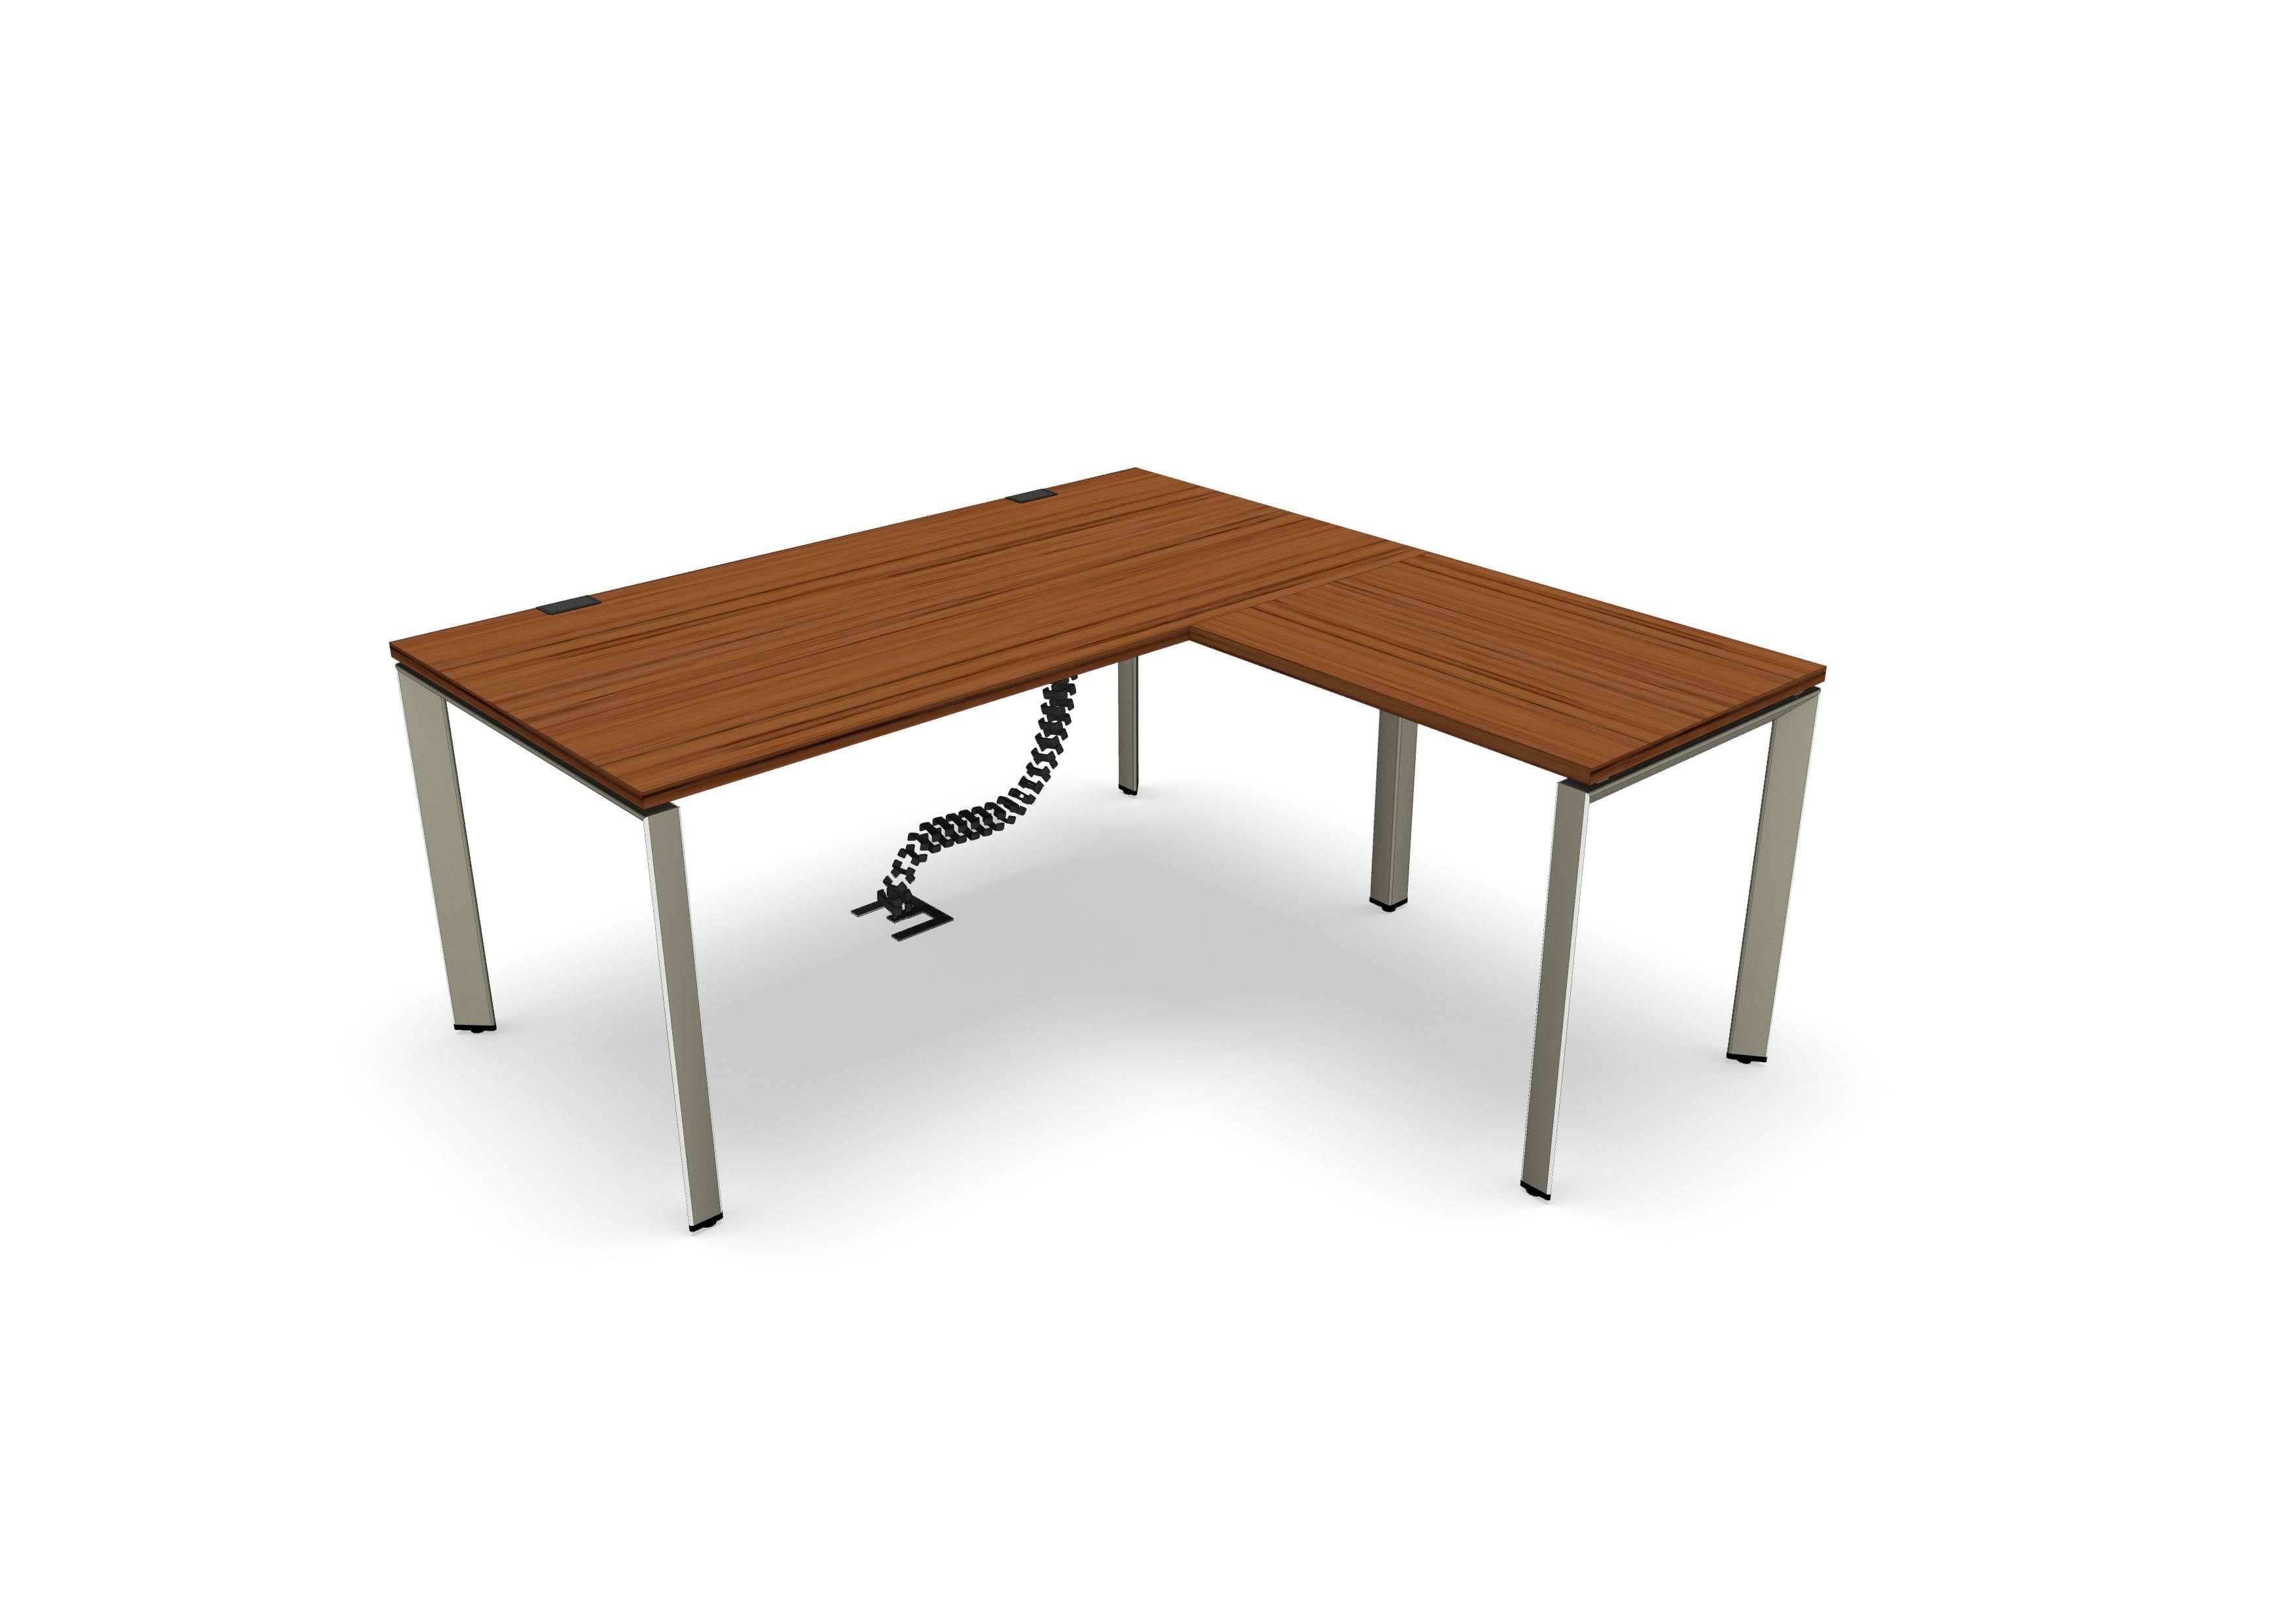 ac42a4a6840bd Bureau droit placage bois FrameOne II Manager - l. 160 x pr. 80 cm + retour  l.